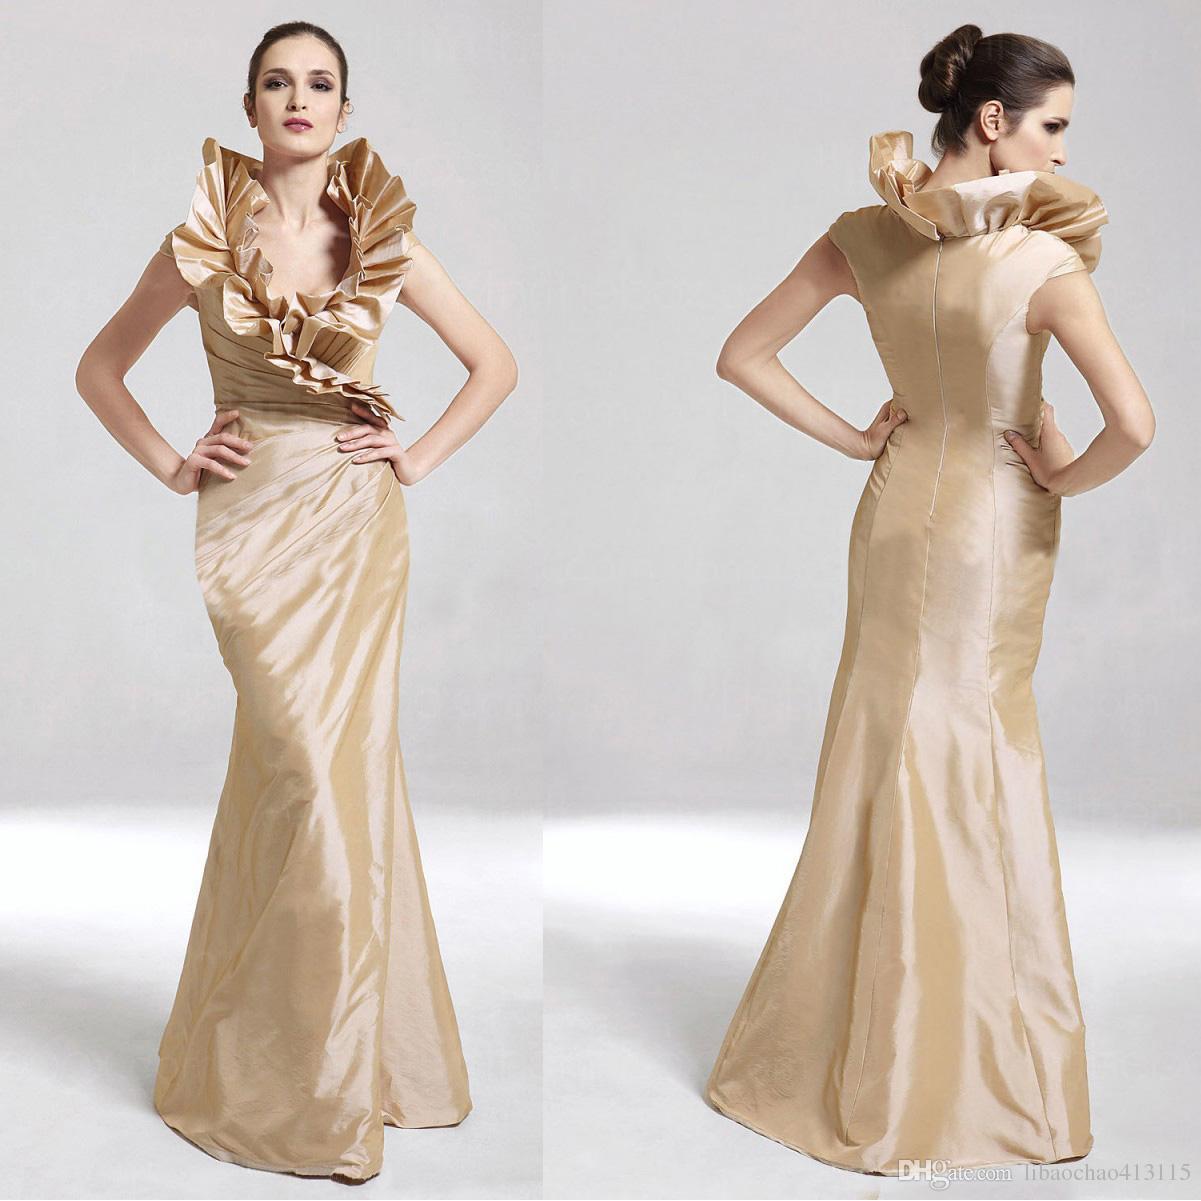 34b81a117 Compre 2018 Nuevo Diseñador Halter Champagne Una Línea Vestido De Fiesta  Vestido De Noche De Dama De Honor Popular Vestido De Fiesta Nupcial Fiesta  Vestido ...